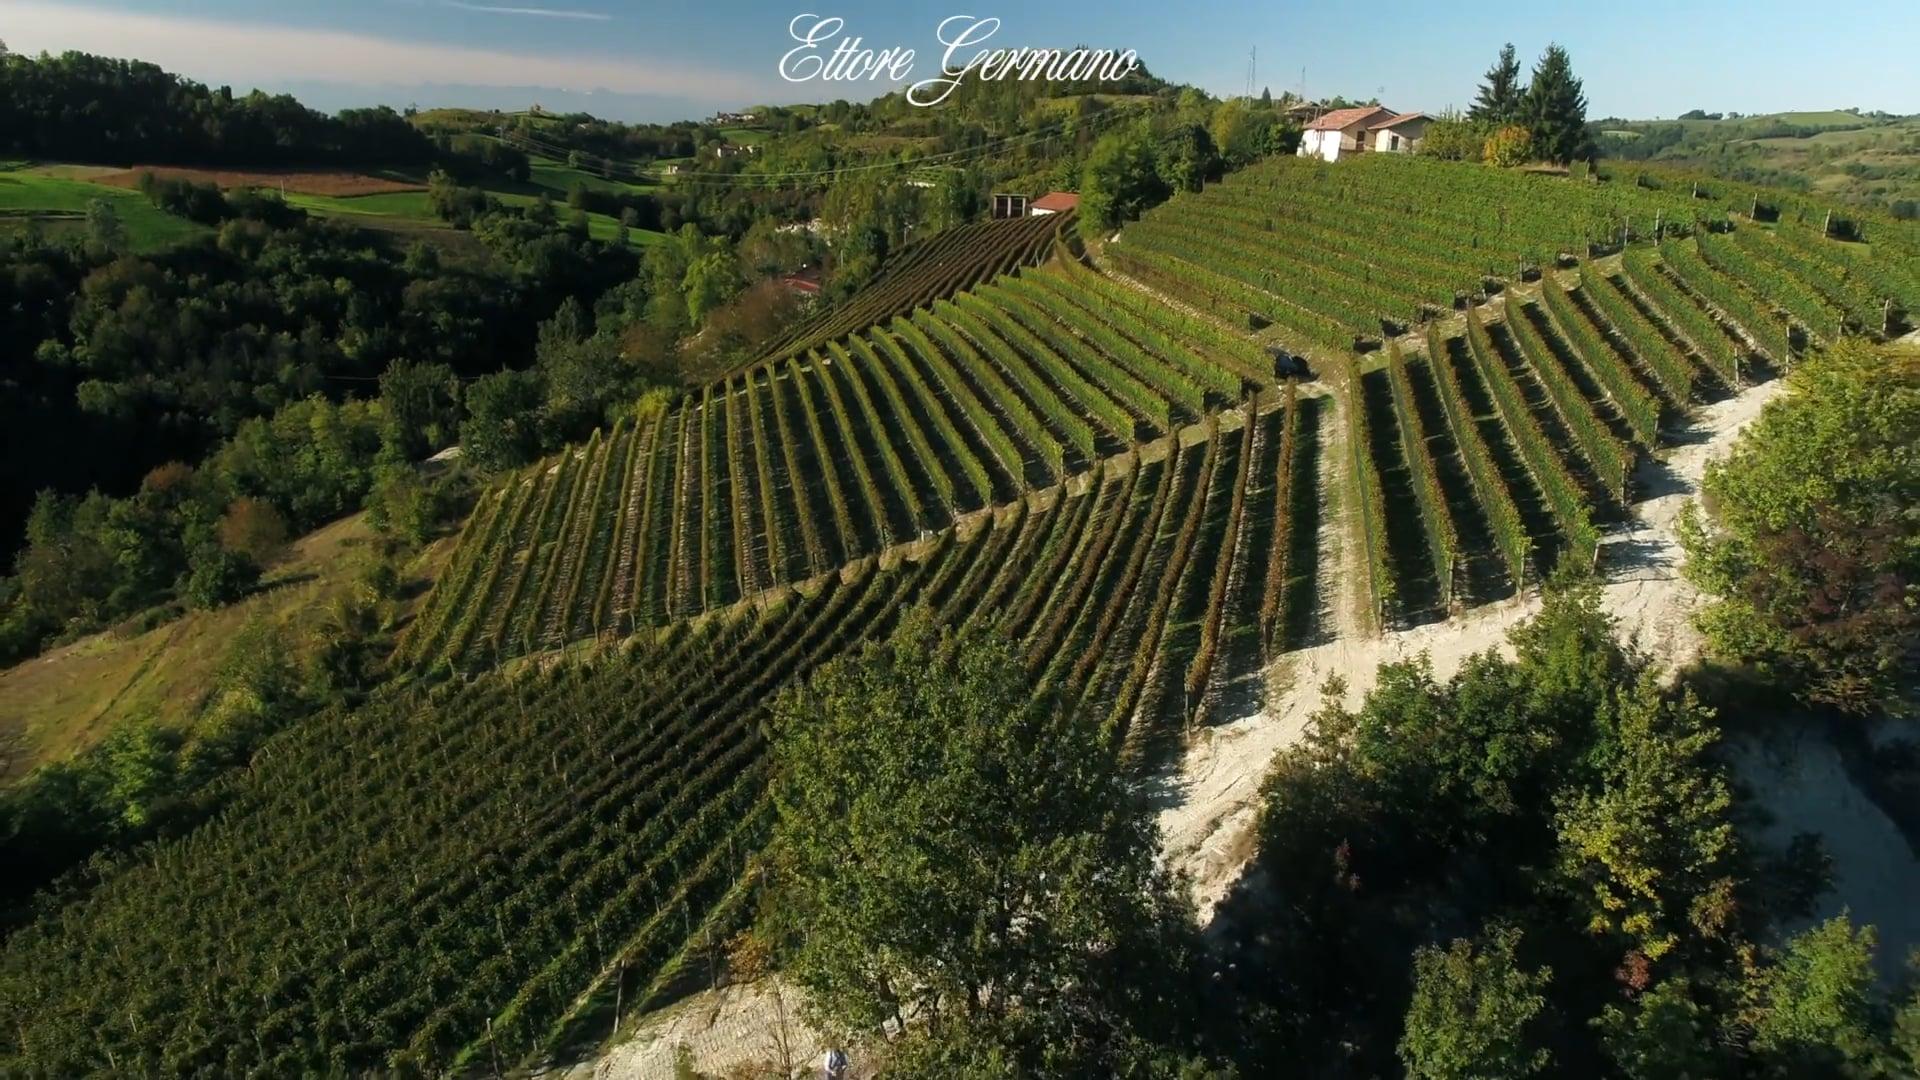 Ettore Germano | Il vigneto di Cigliè | The vineyard in Cigliè